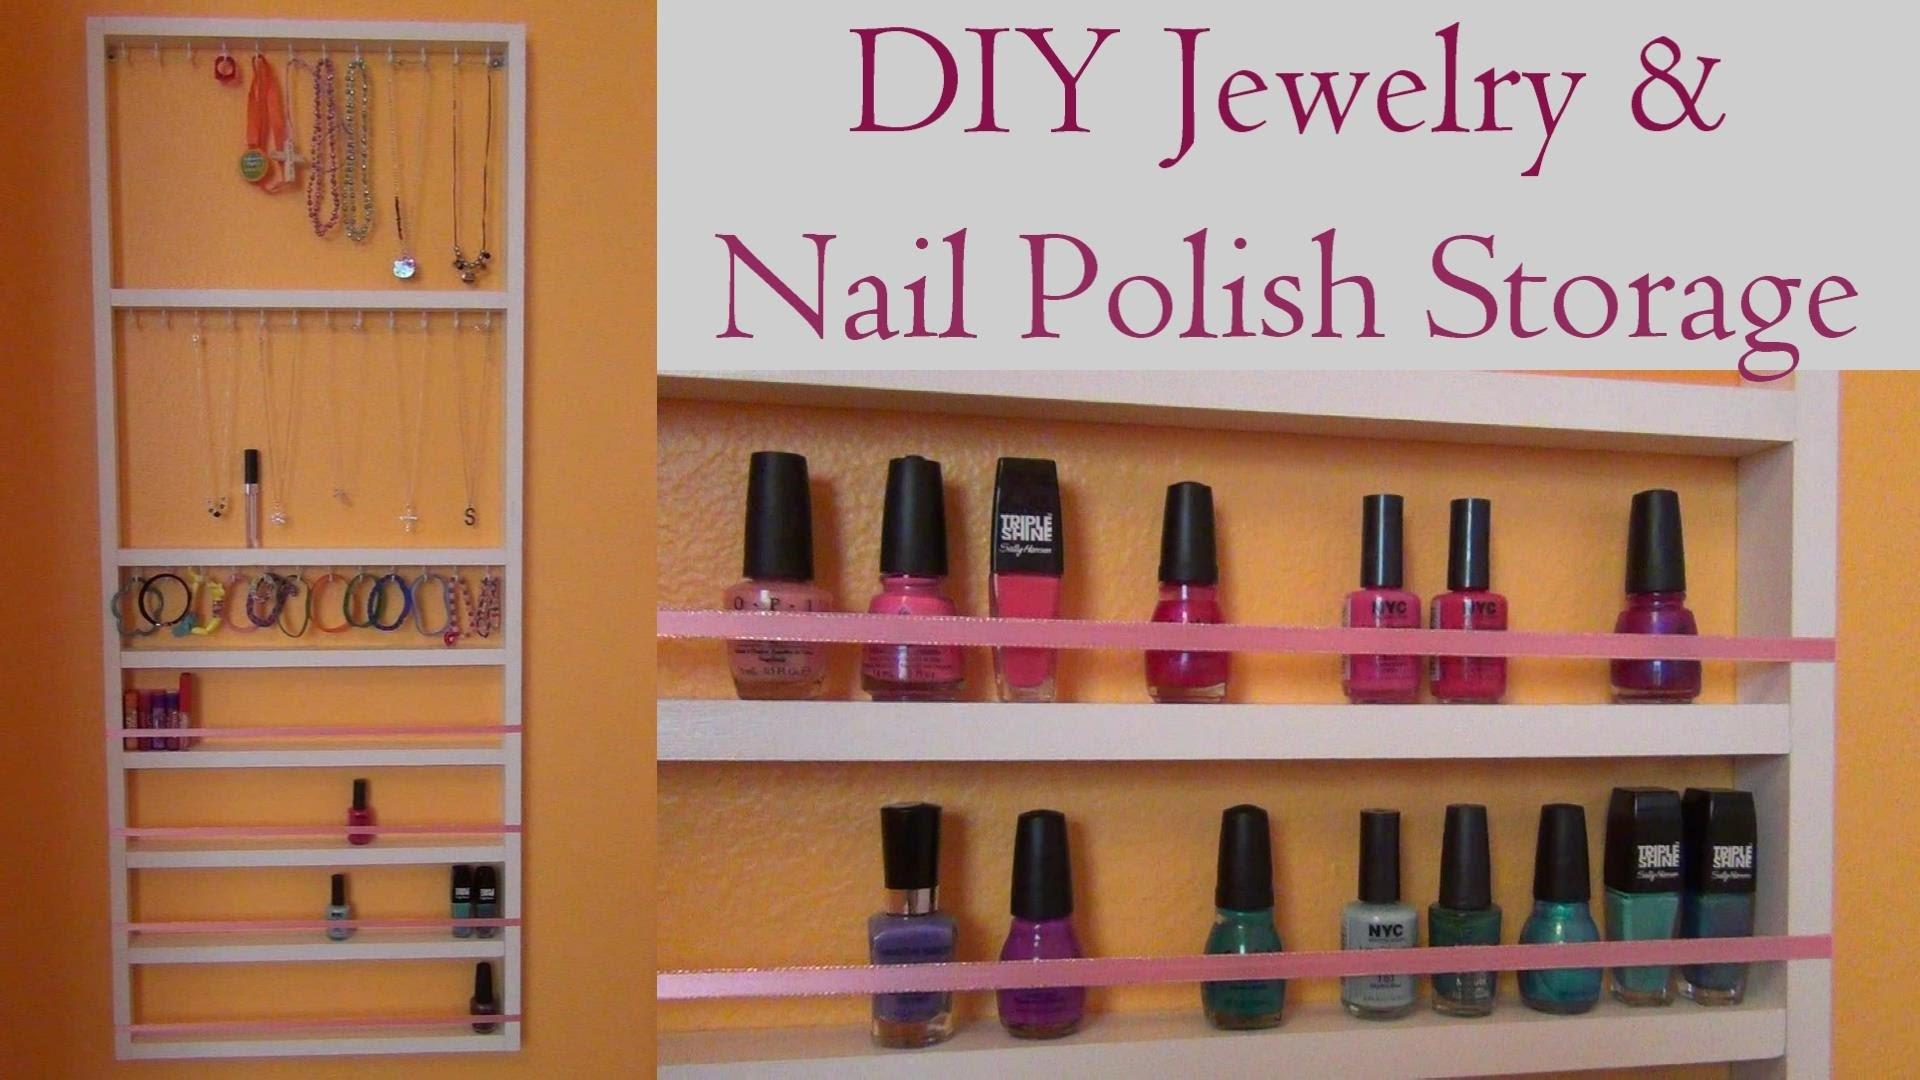 DIY Jewelry & Nail Polish Storage